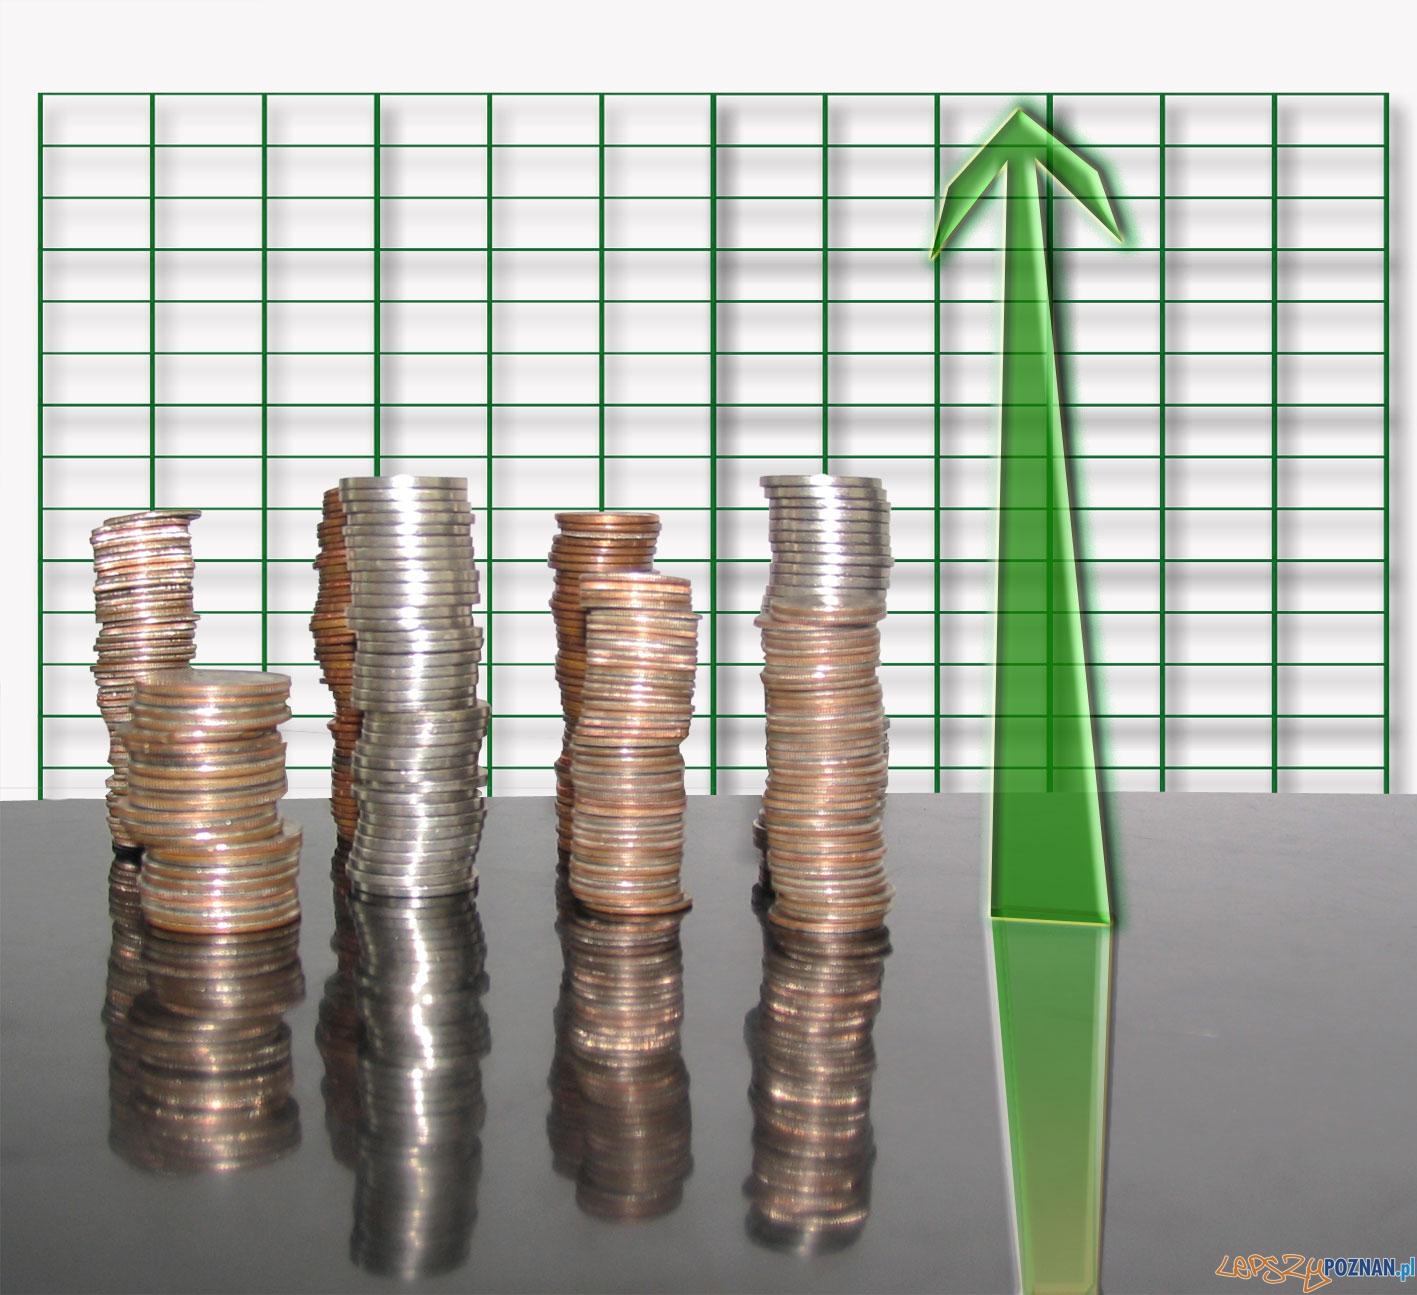 pieniądze, fundusze, wzrost